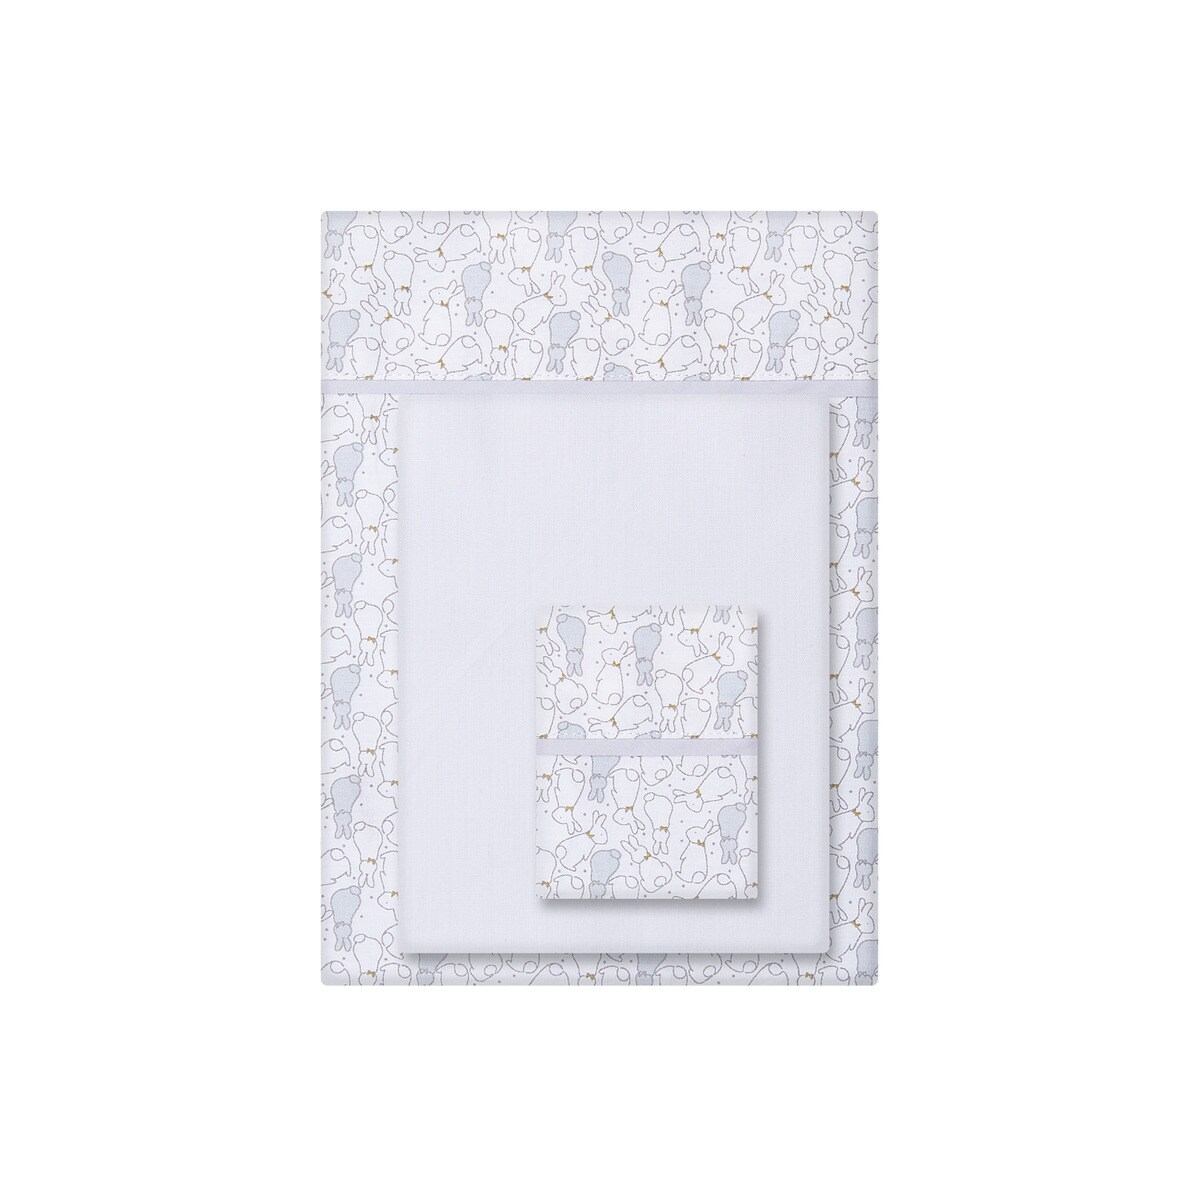 Juego de Sábanas 3 piezas para Cuna (60 x 120 cm.) Cotton Juice Baby Home con estampado gris